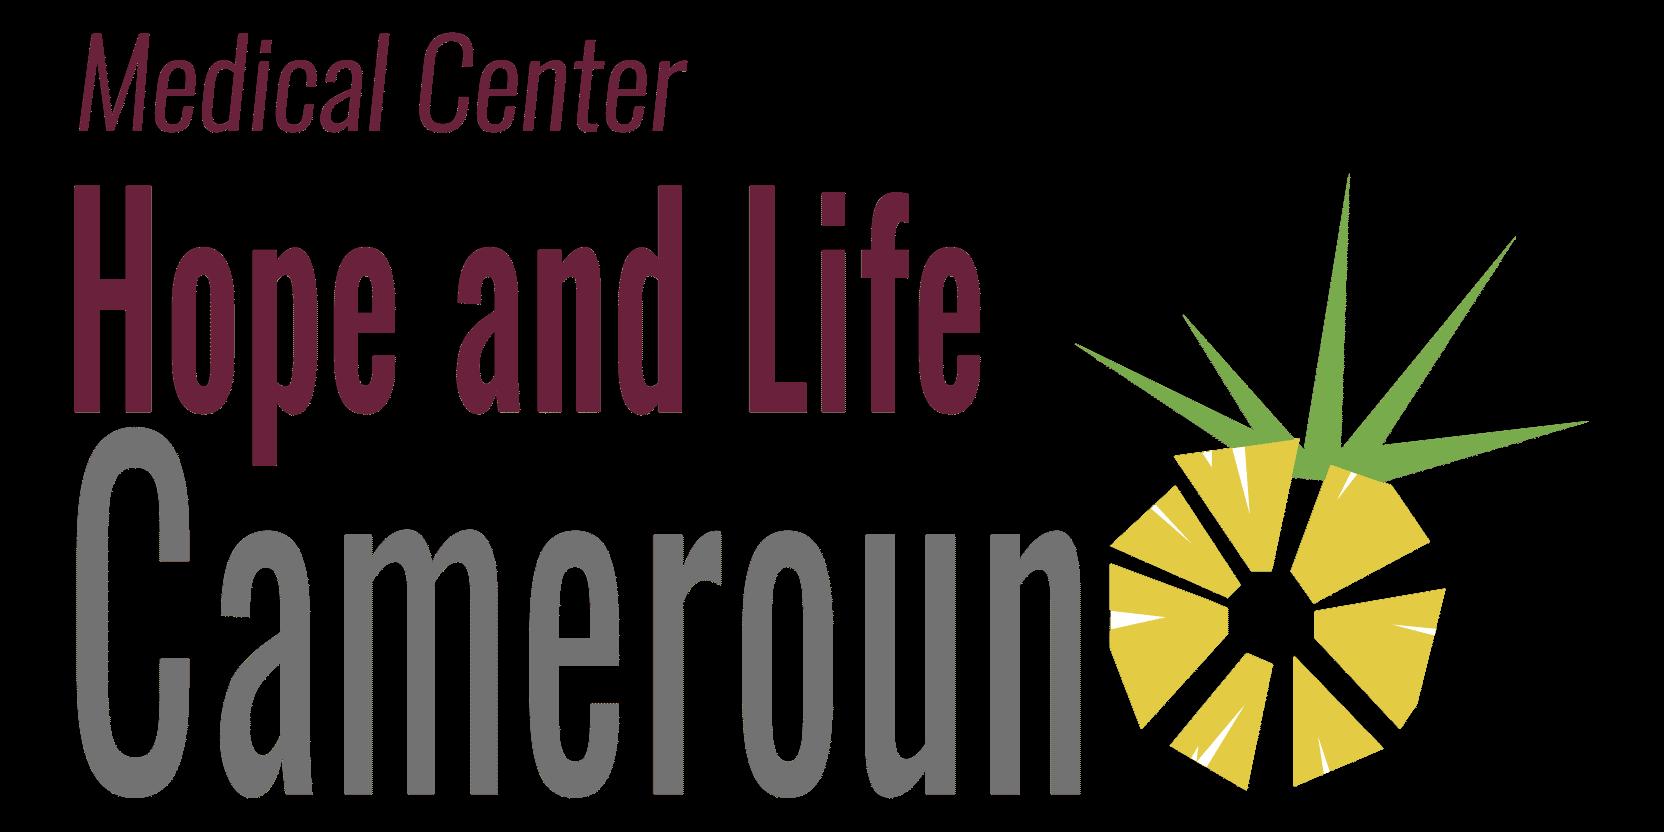 _Logo_MedicalCenter_HopeAndLifeCameroun_v.0